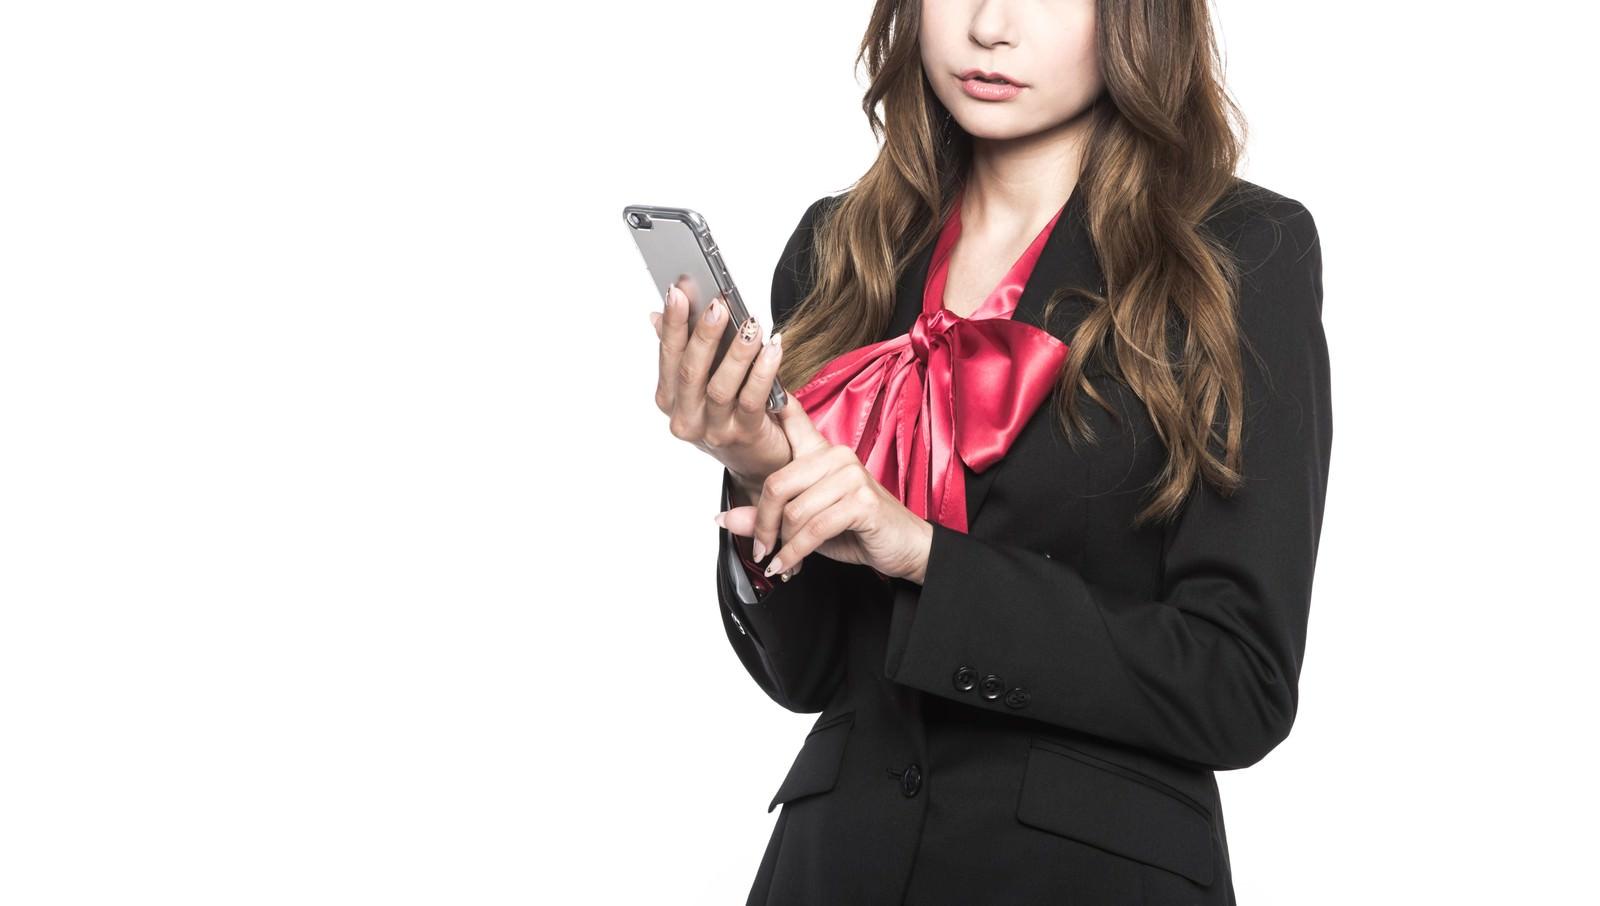 「スマホサイトを見て、新しい美容系サイトのアイデアを思いついた美人Webマーケッター」の写真